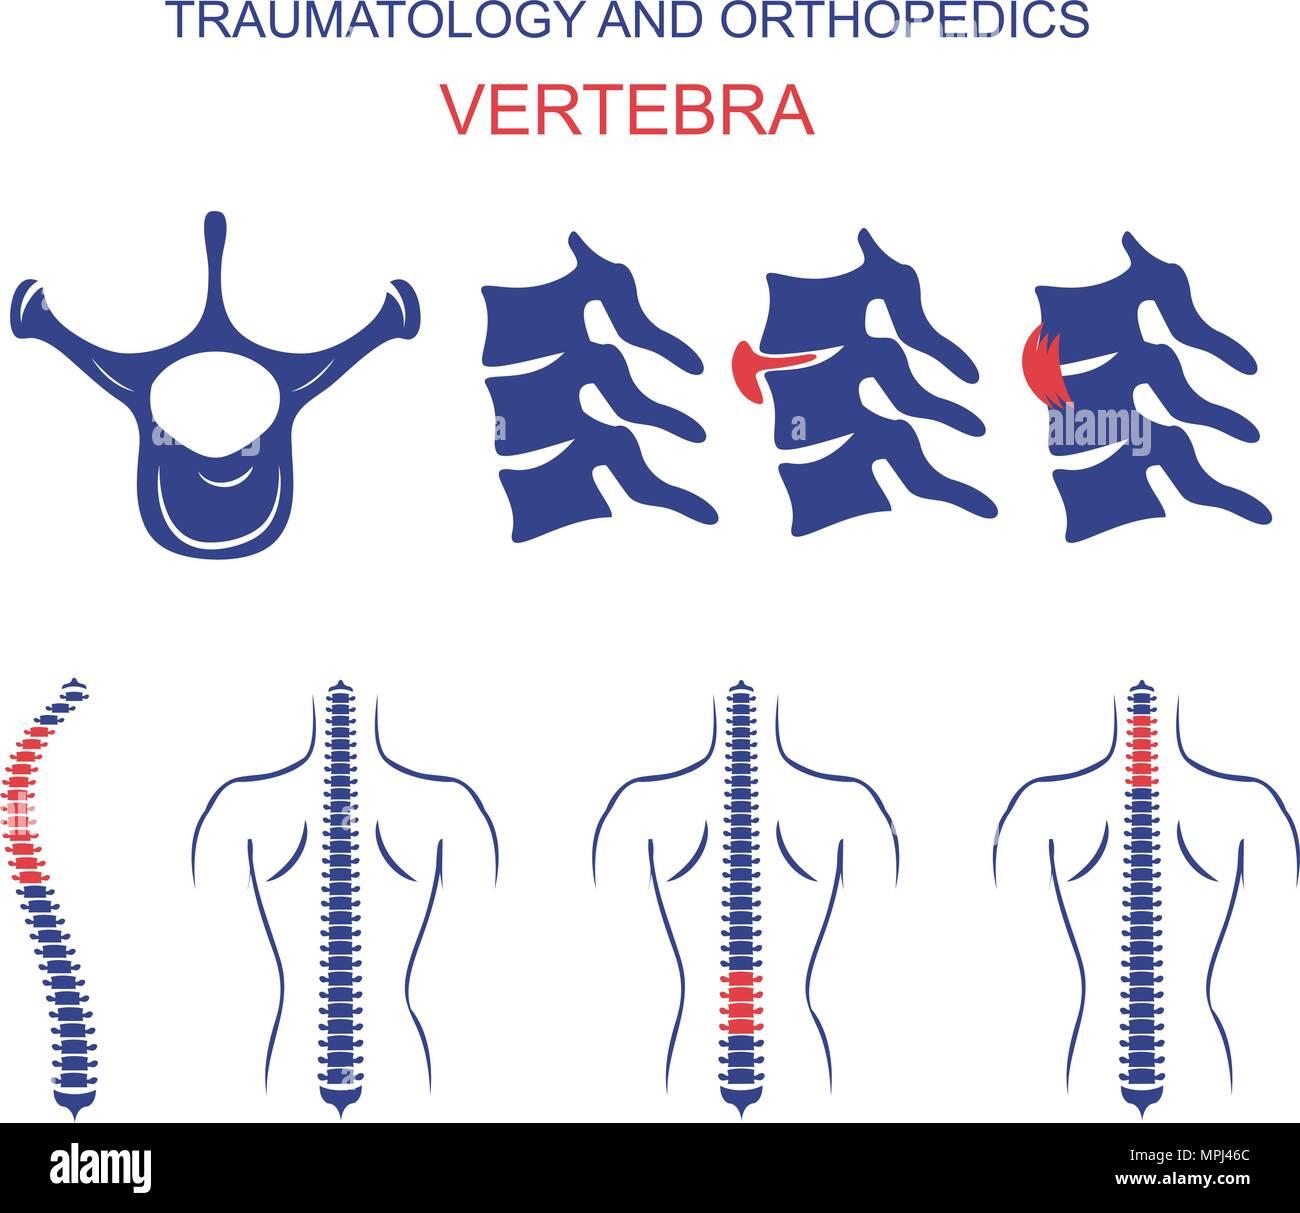 Abbildung der Wirbelsäule, Wirbel, Wirbelsäule Bandscheibenvorfall ...